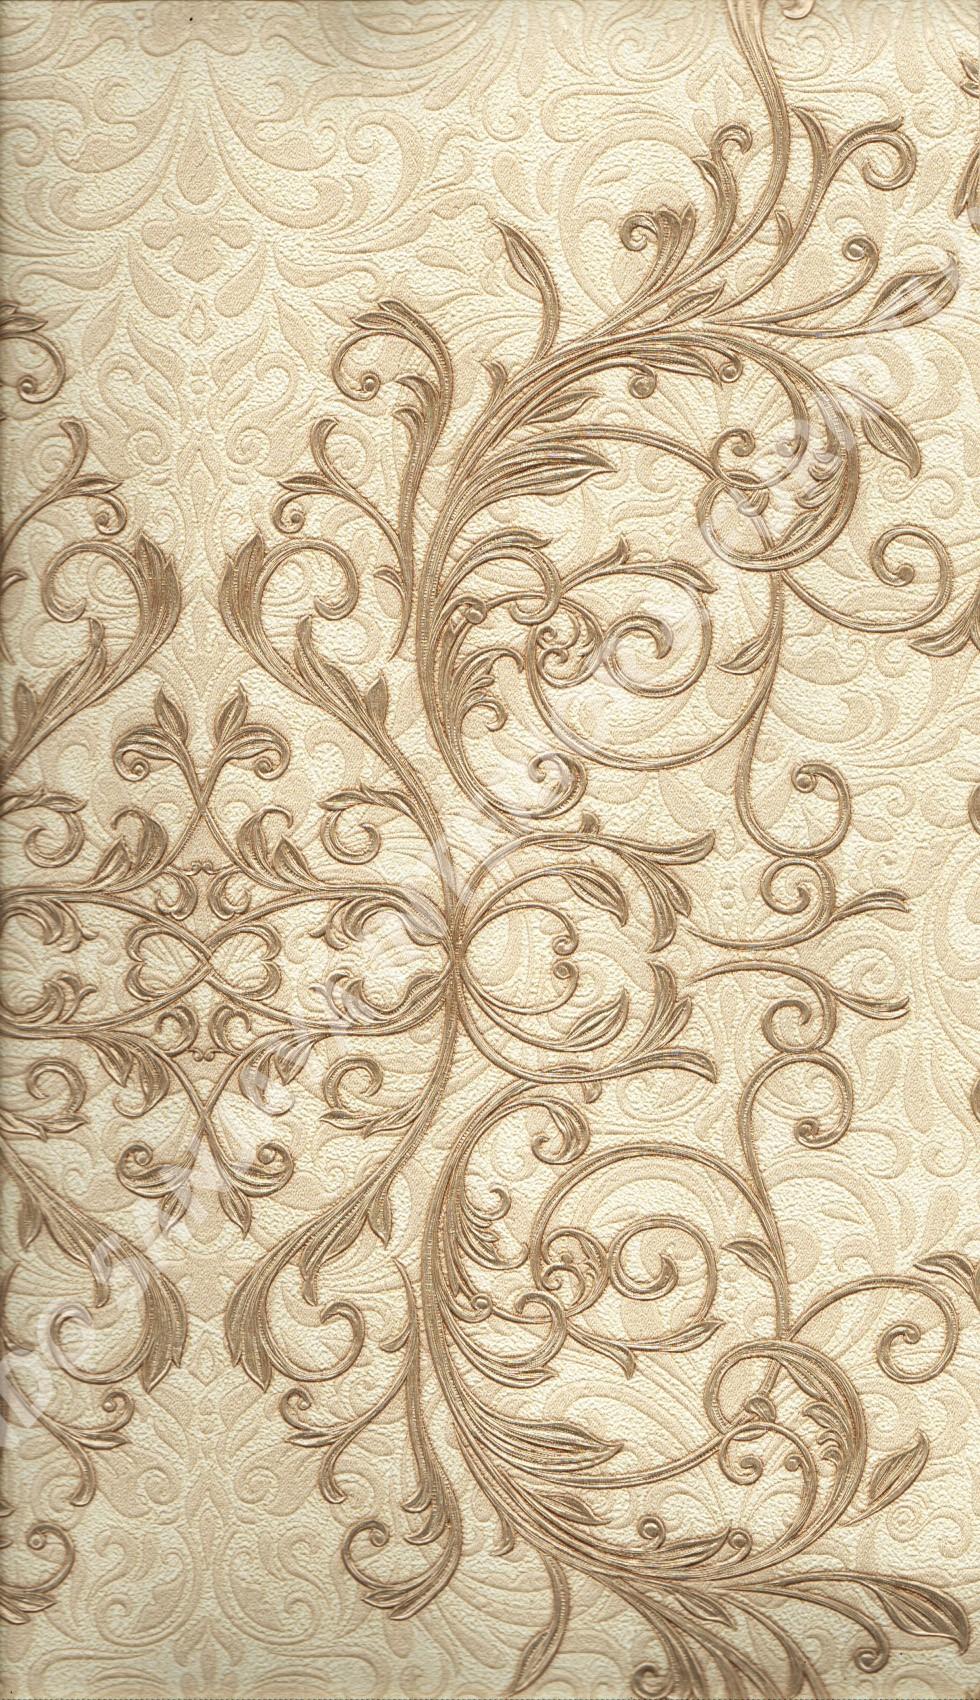 wallpaper   Wallpaper Klasik Batik (Damask) 11011:11011 corak  warna